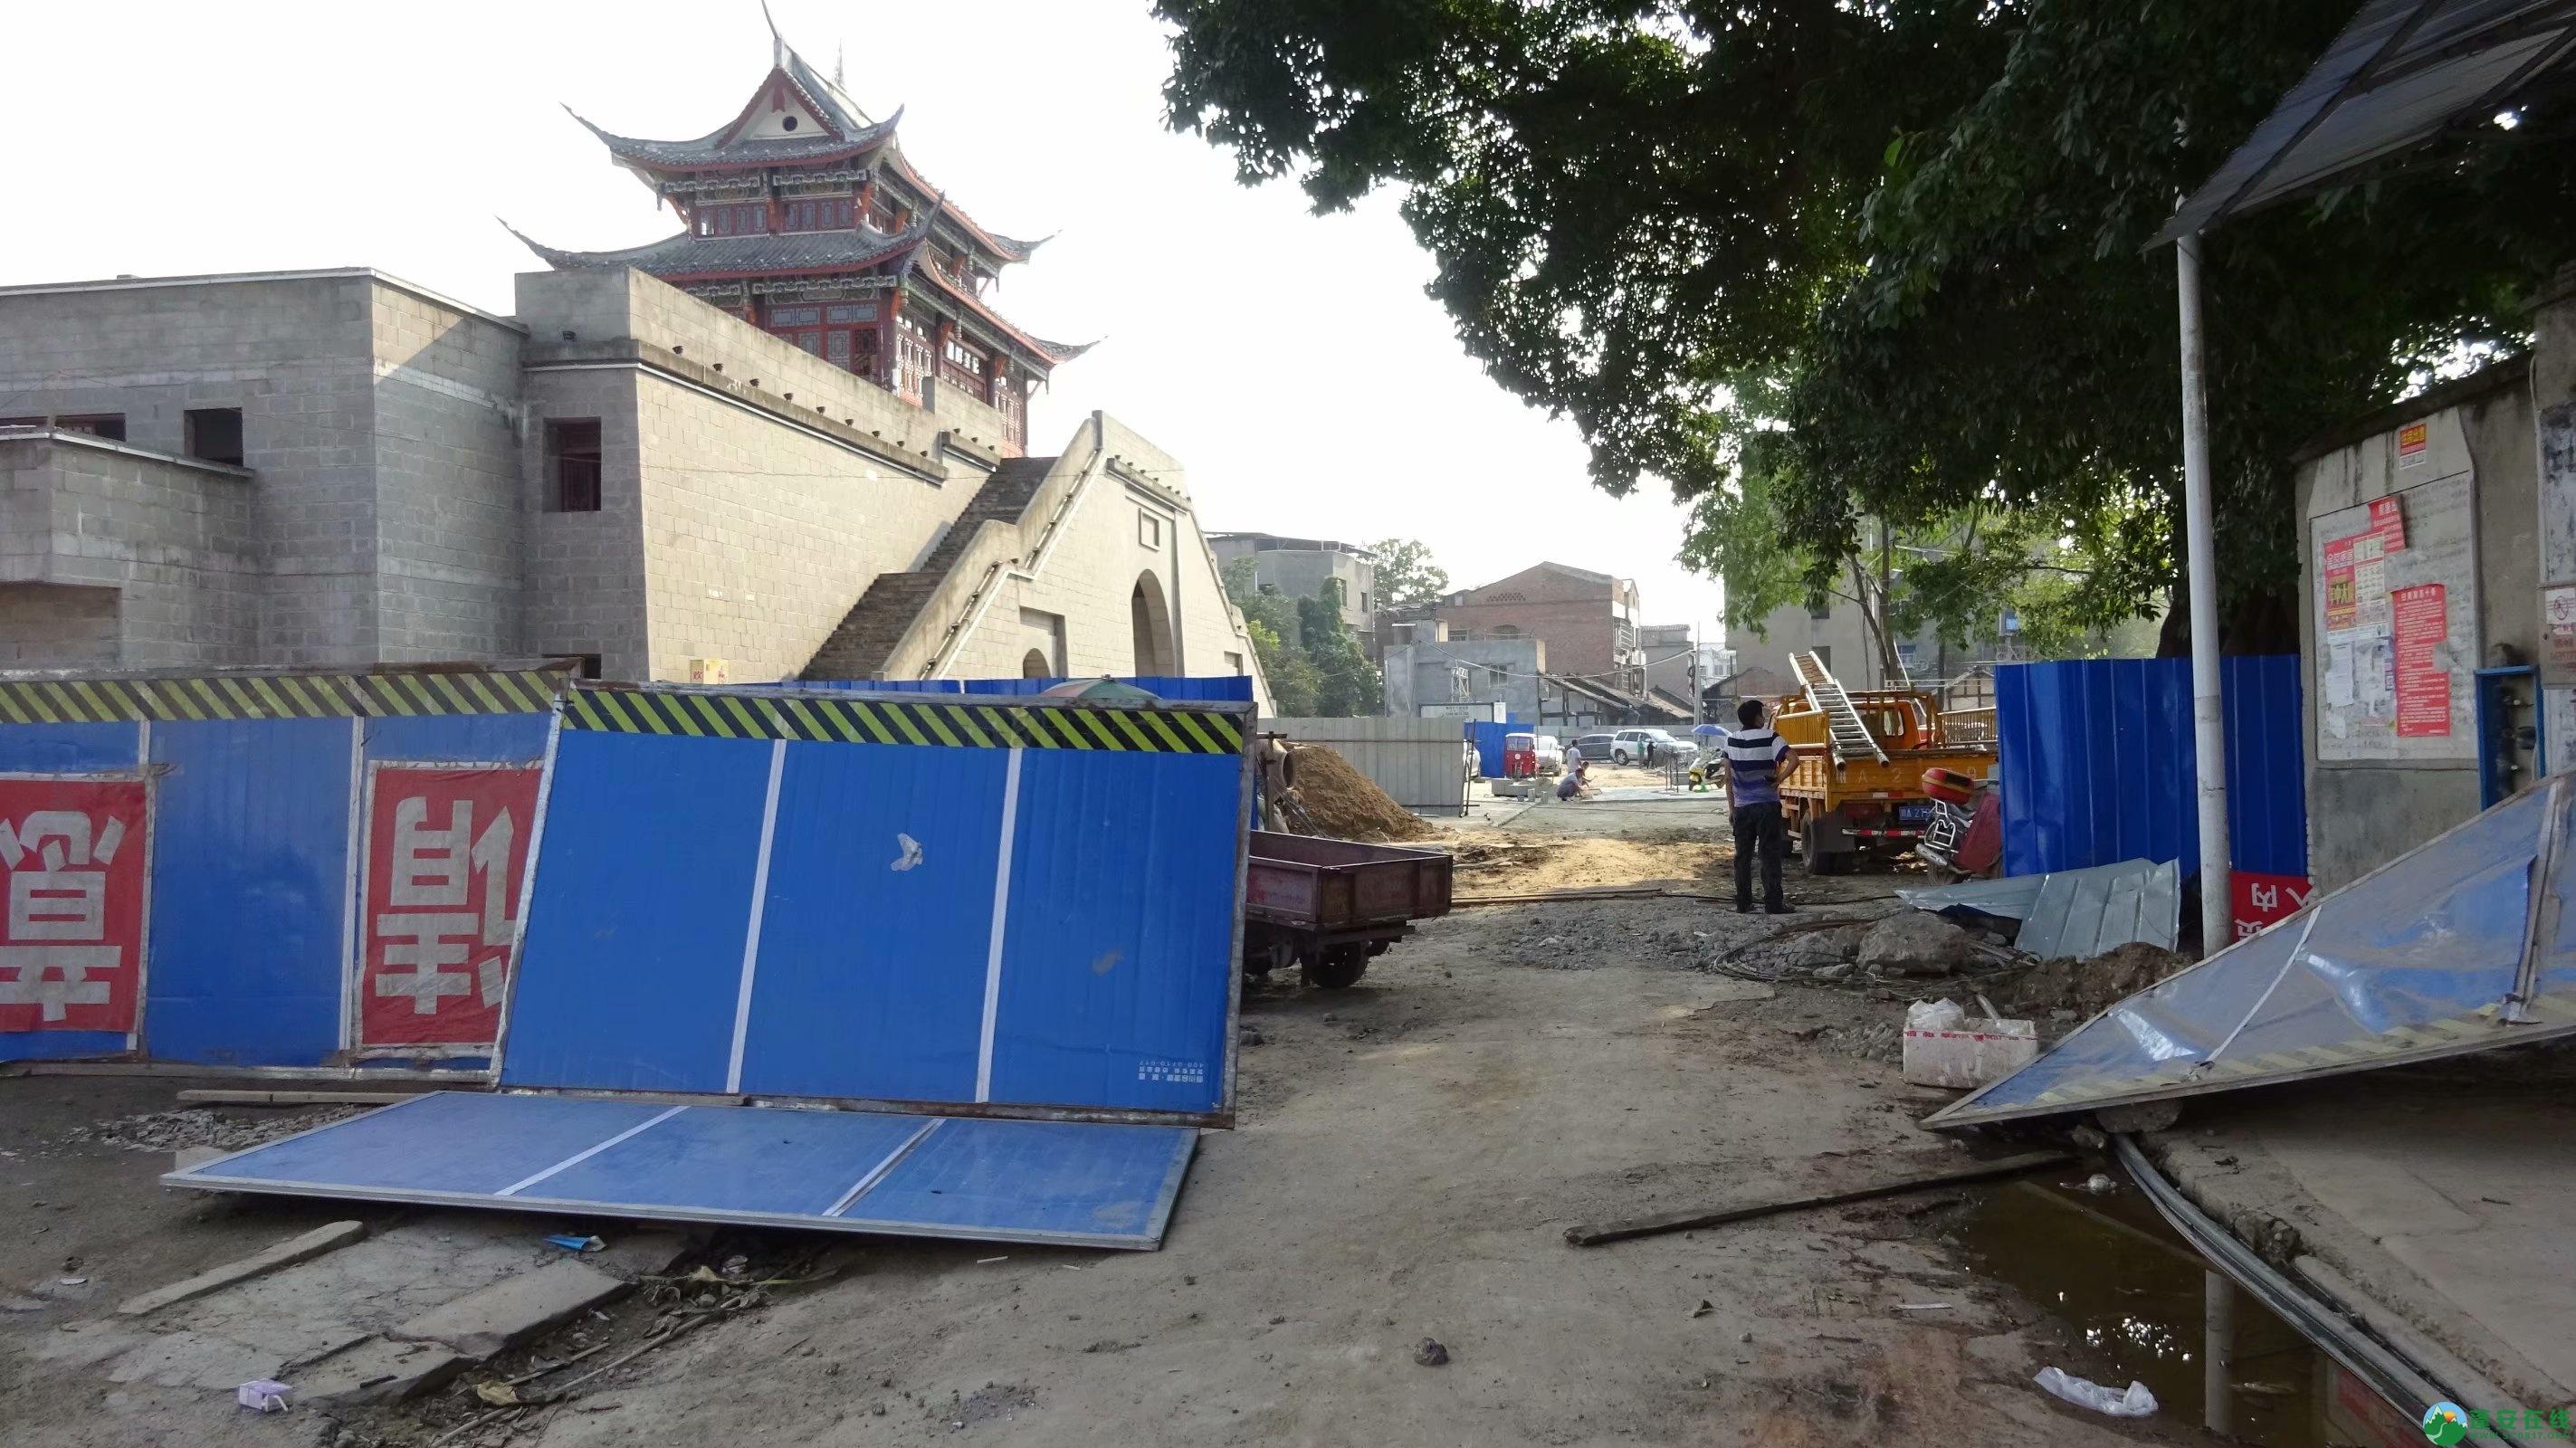 蓬安锦屏相如故城建设迅猛 - 第23张  | 蓬安在线